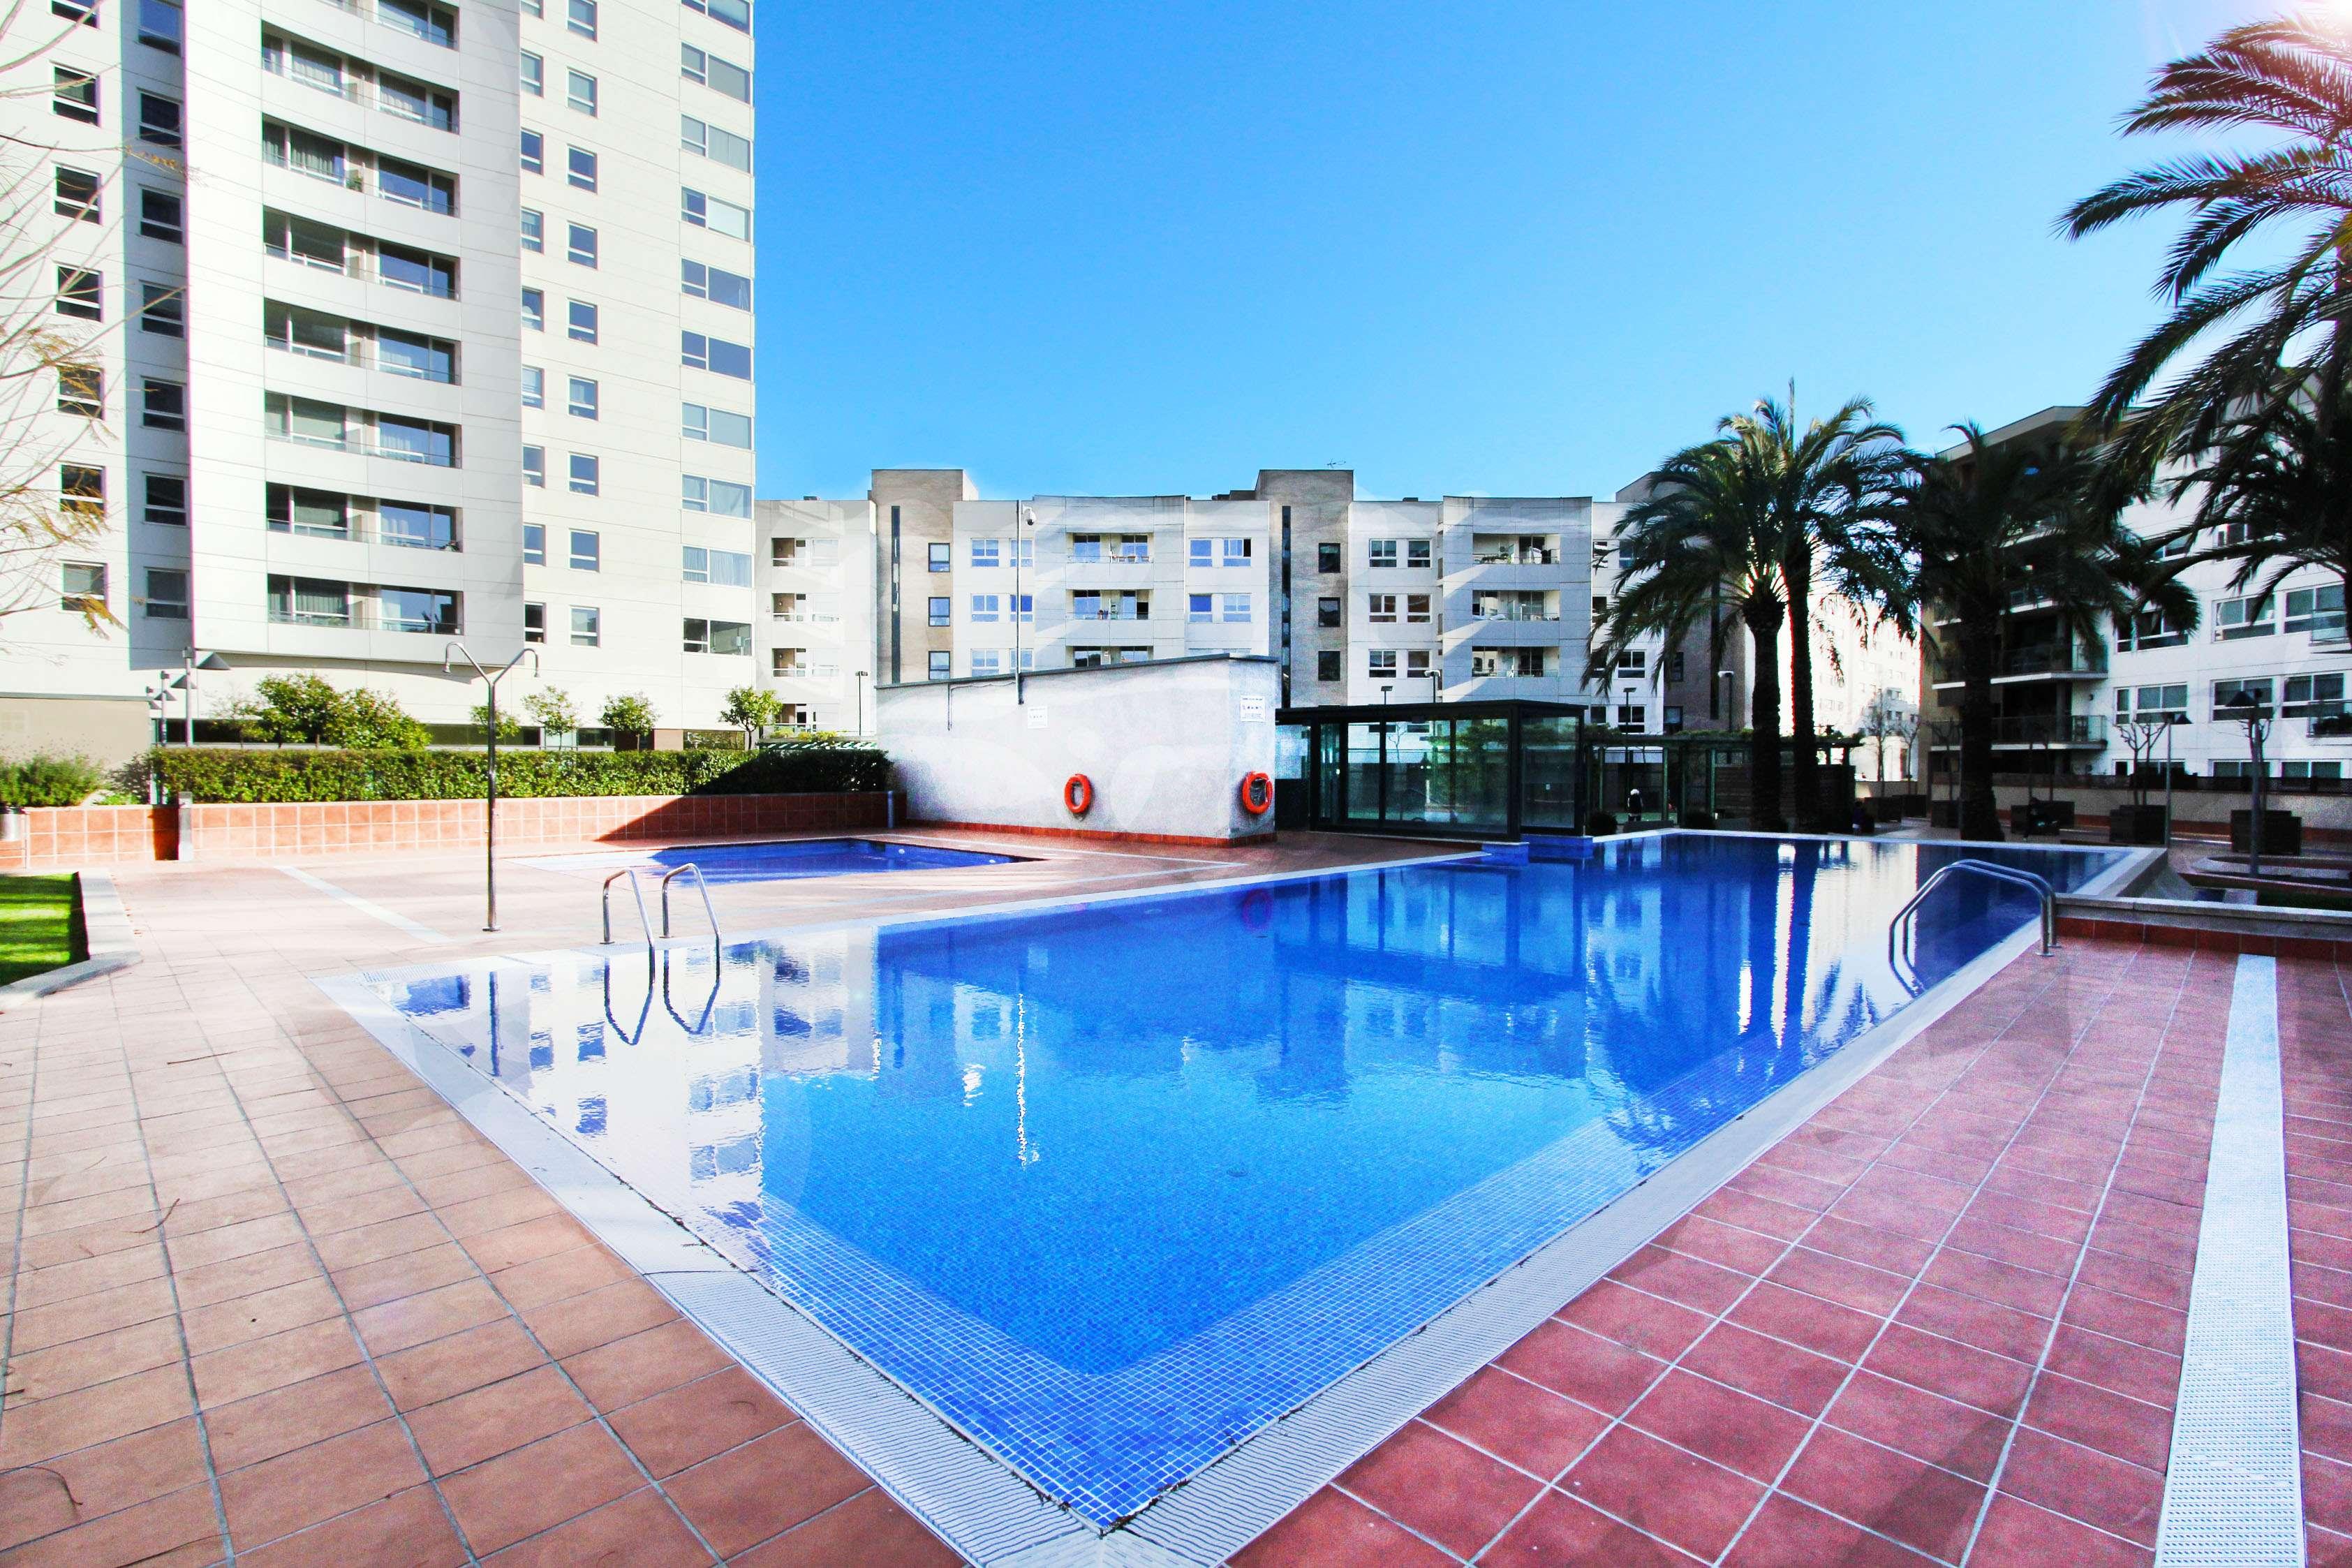 Piso con terraza y piscina en Diagonal Mar